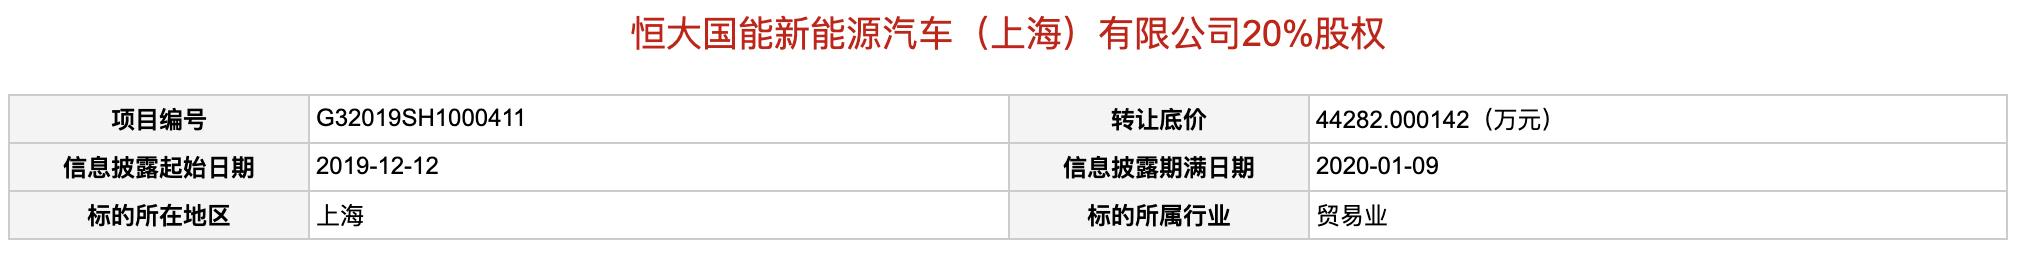 【起价4.4亿元,恒大汽车上海公司转让20%股权】